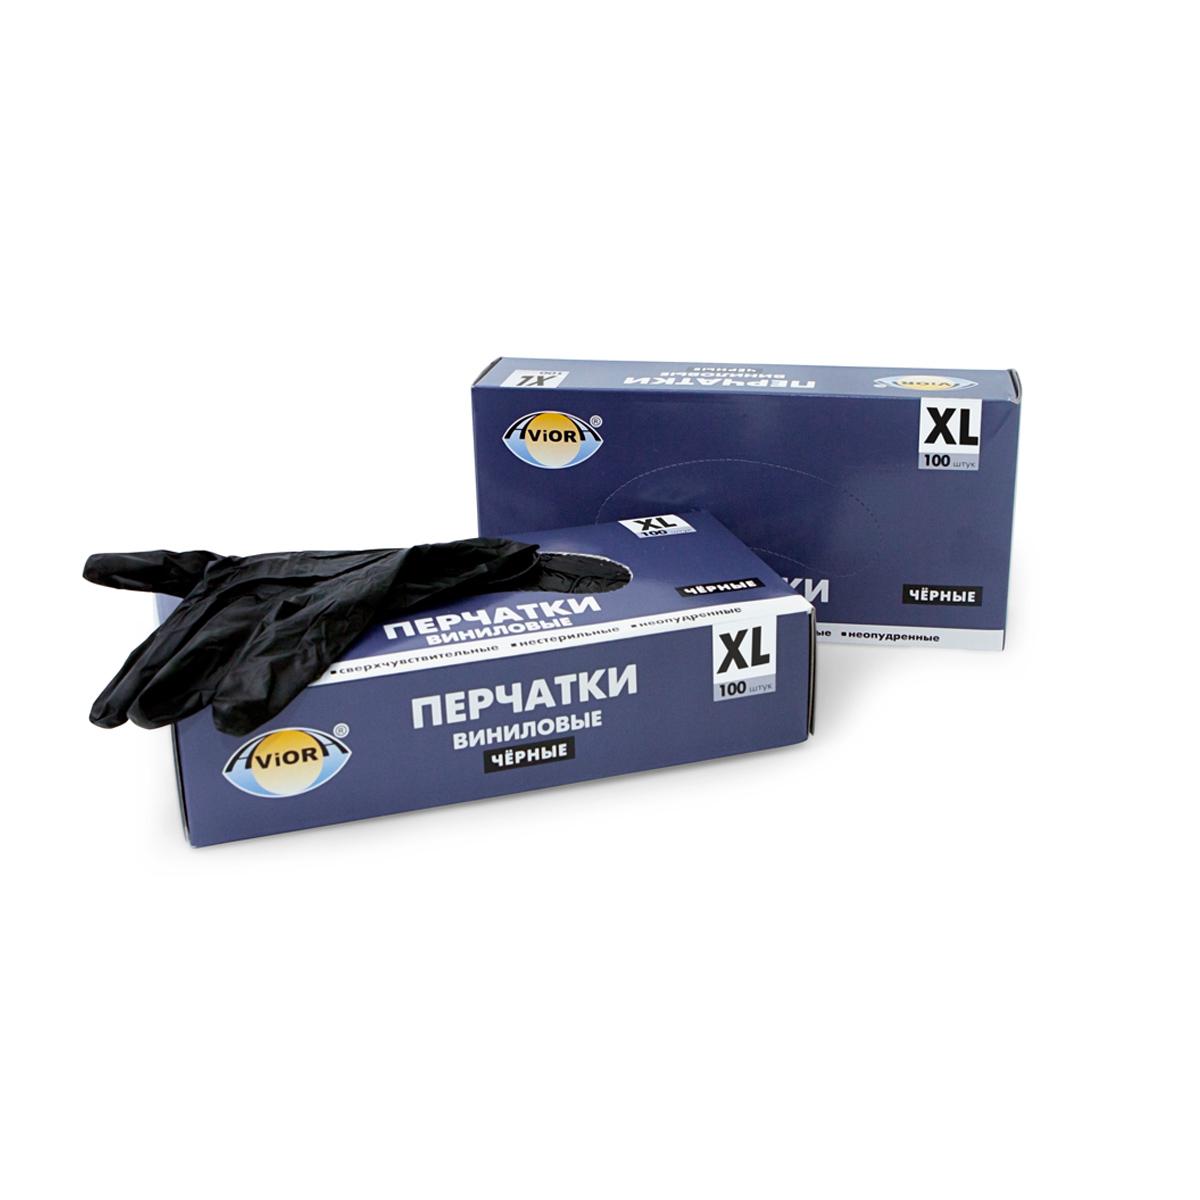 """Перчатки виниловые """"Aviora"""", неопудренные, цвет: черный, размер 10 (XL), 100 шт"""